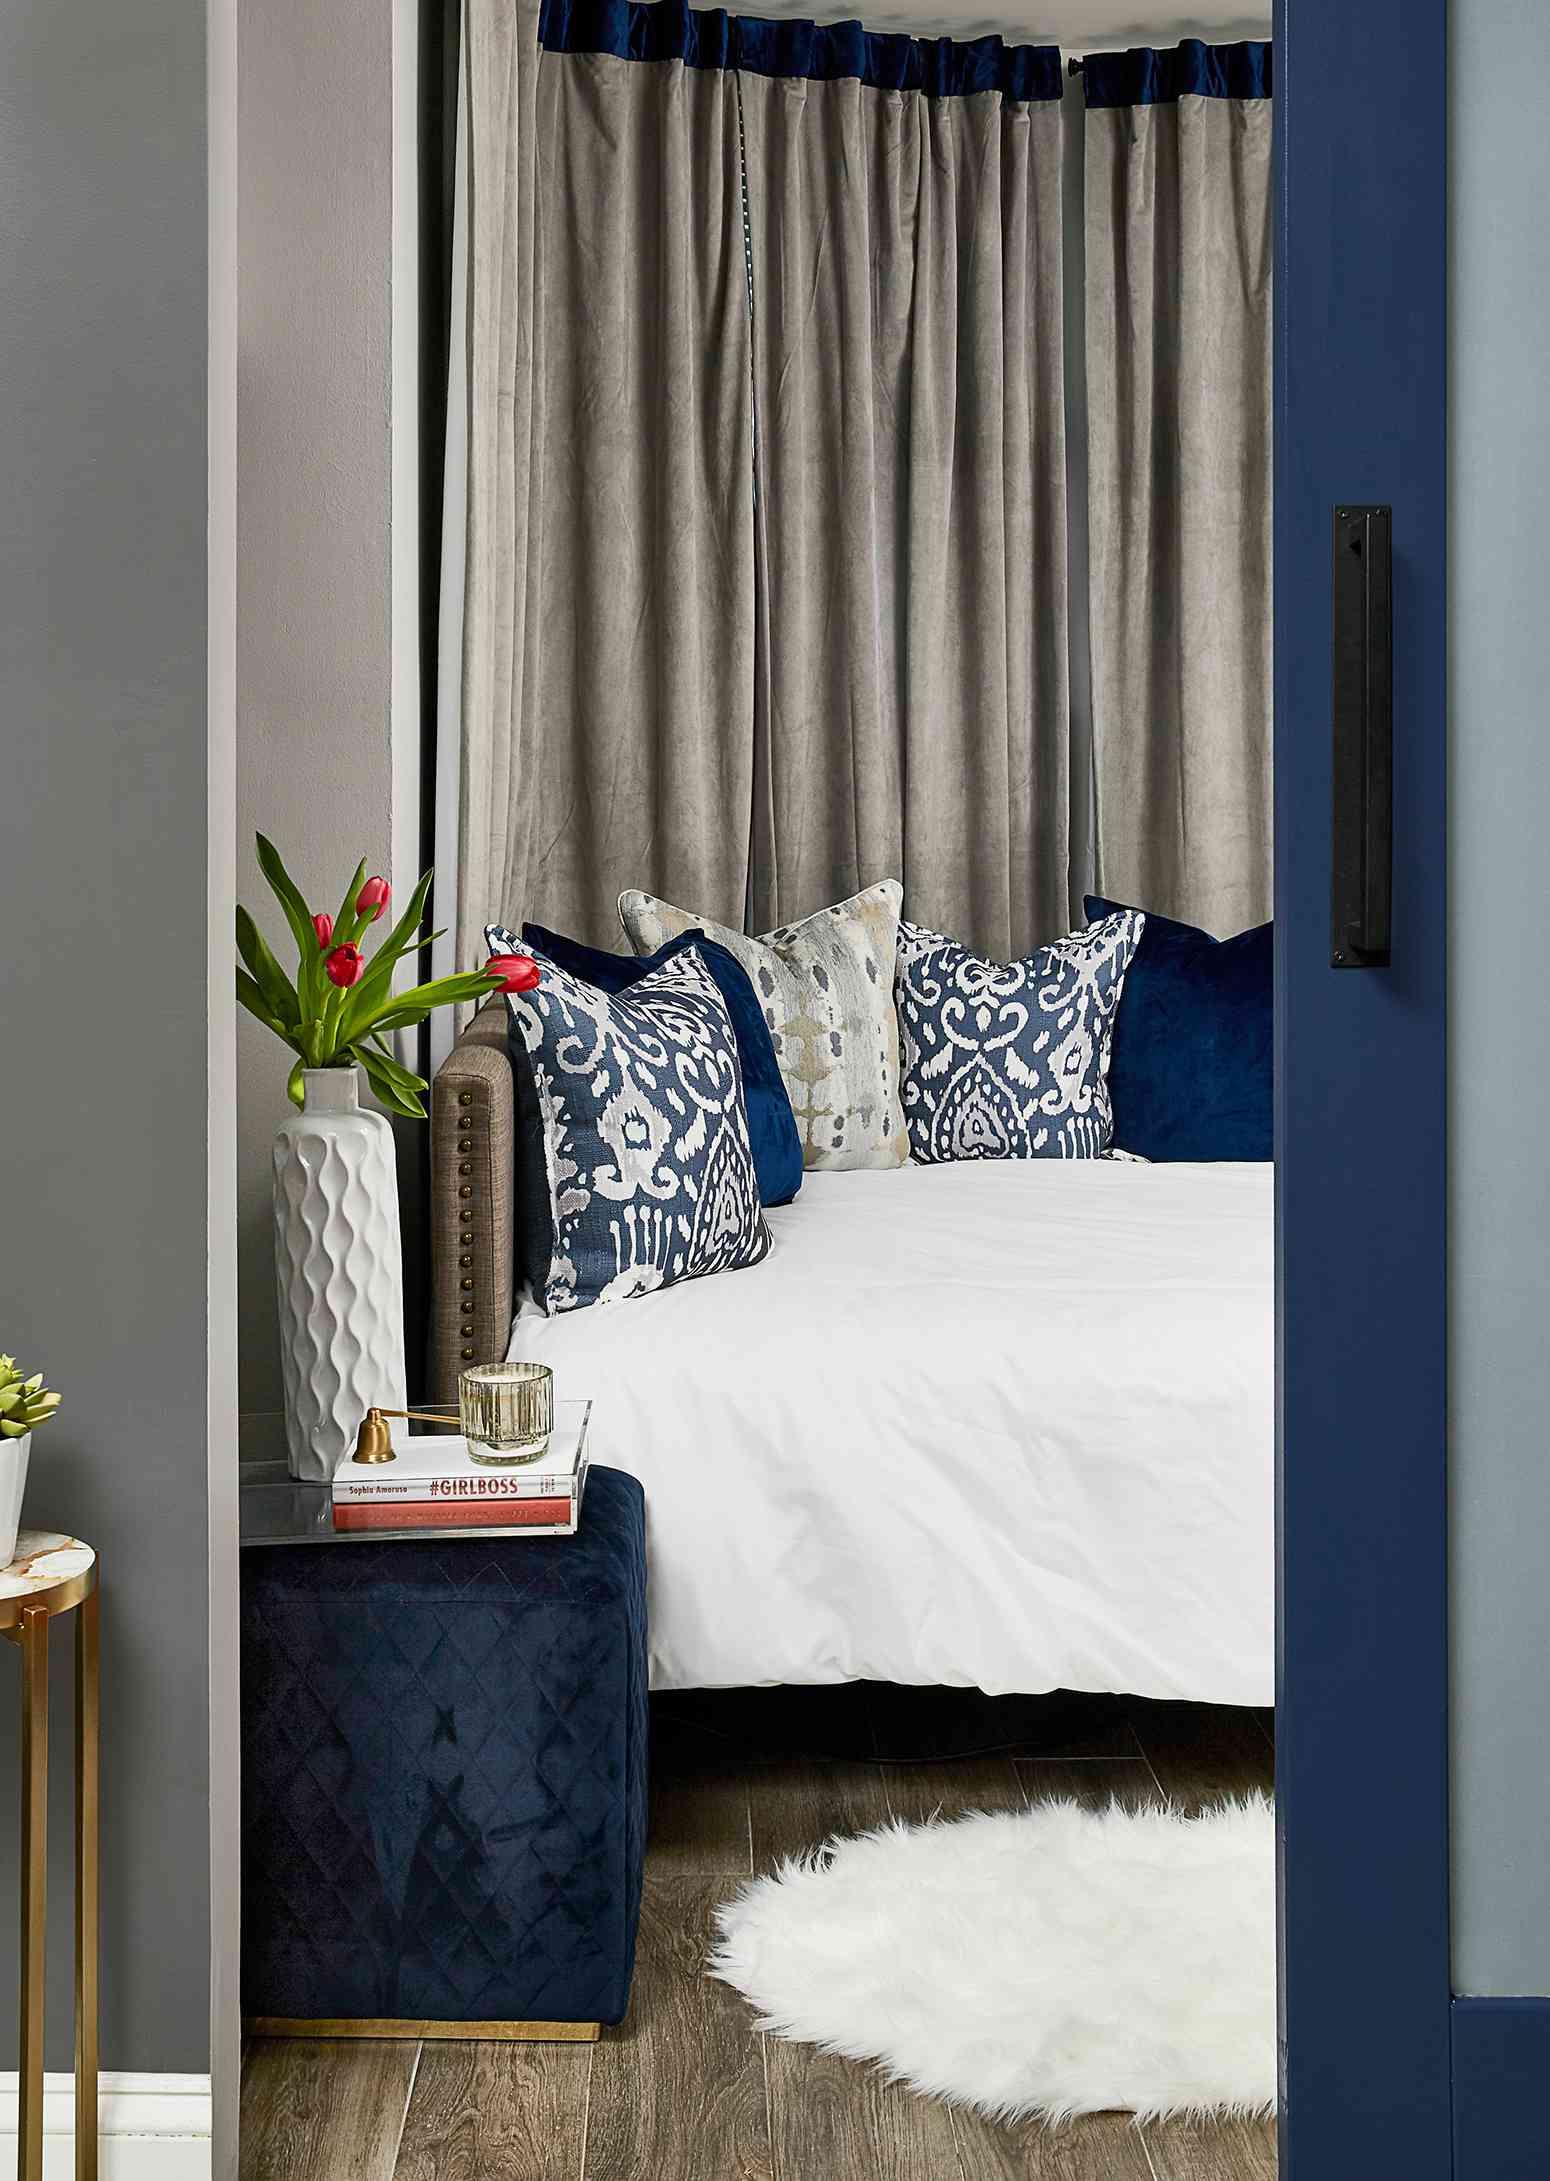 Duke Ellington home tour - cozy guest room with navy accents